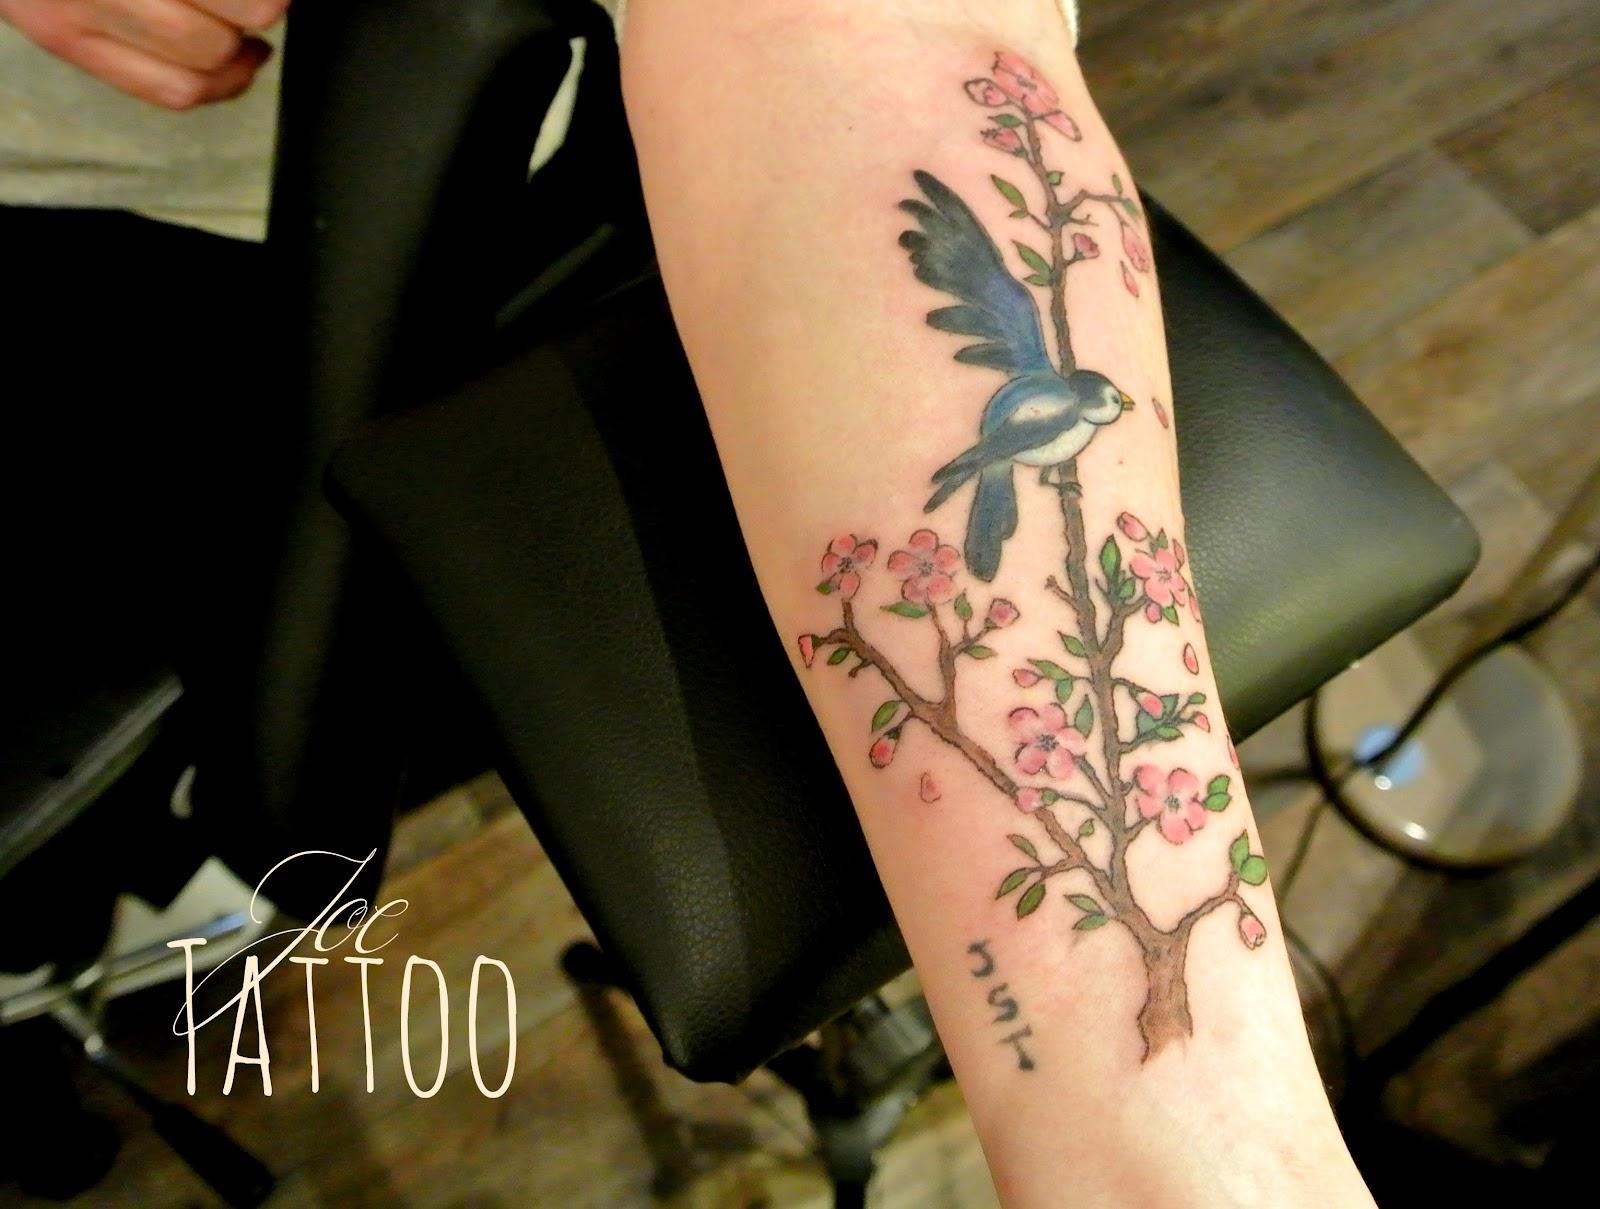 joe tattoo piercing recouvrement retouches et reprises d. Black Bedroom Furniture Sets. Home Design Ideas